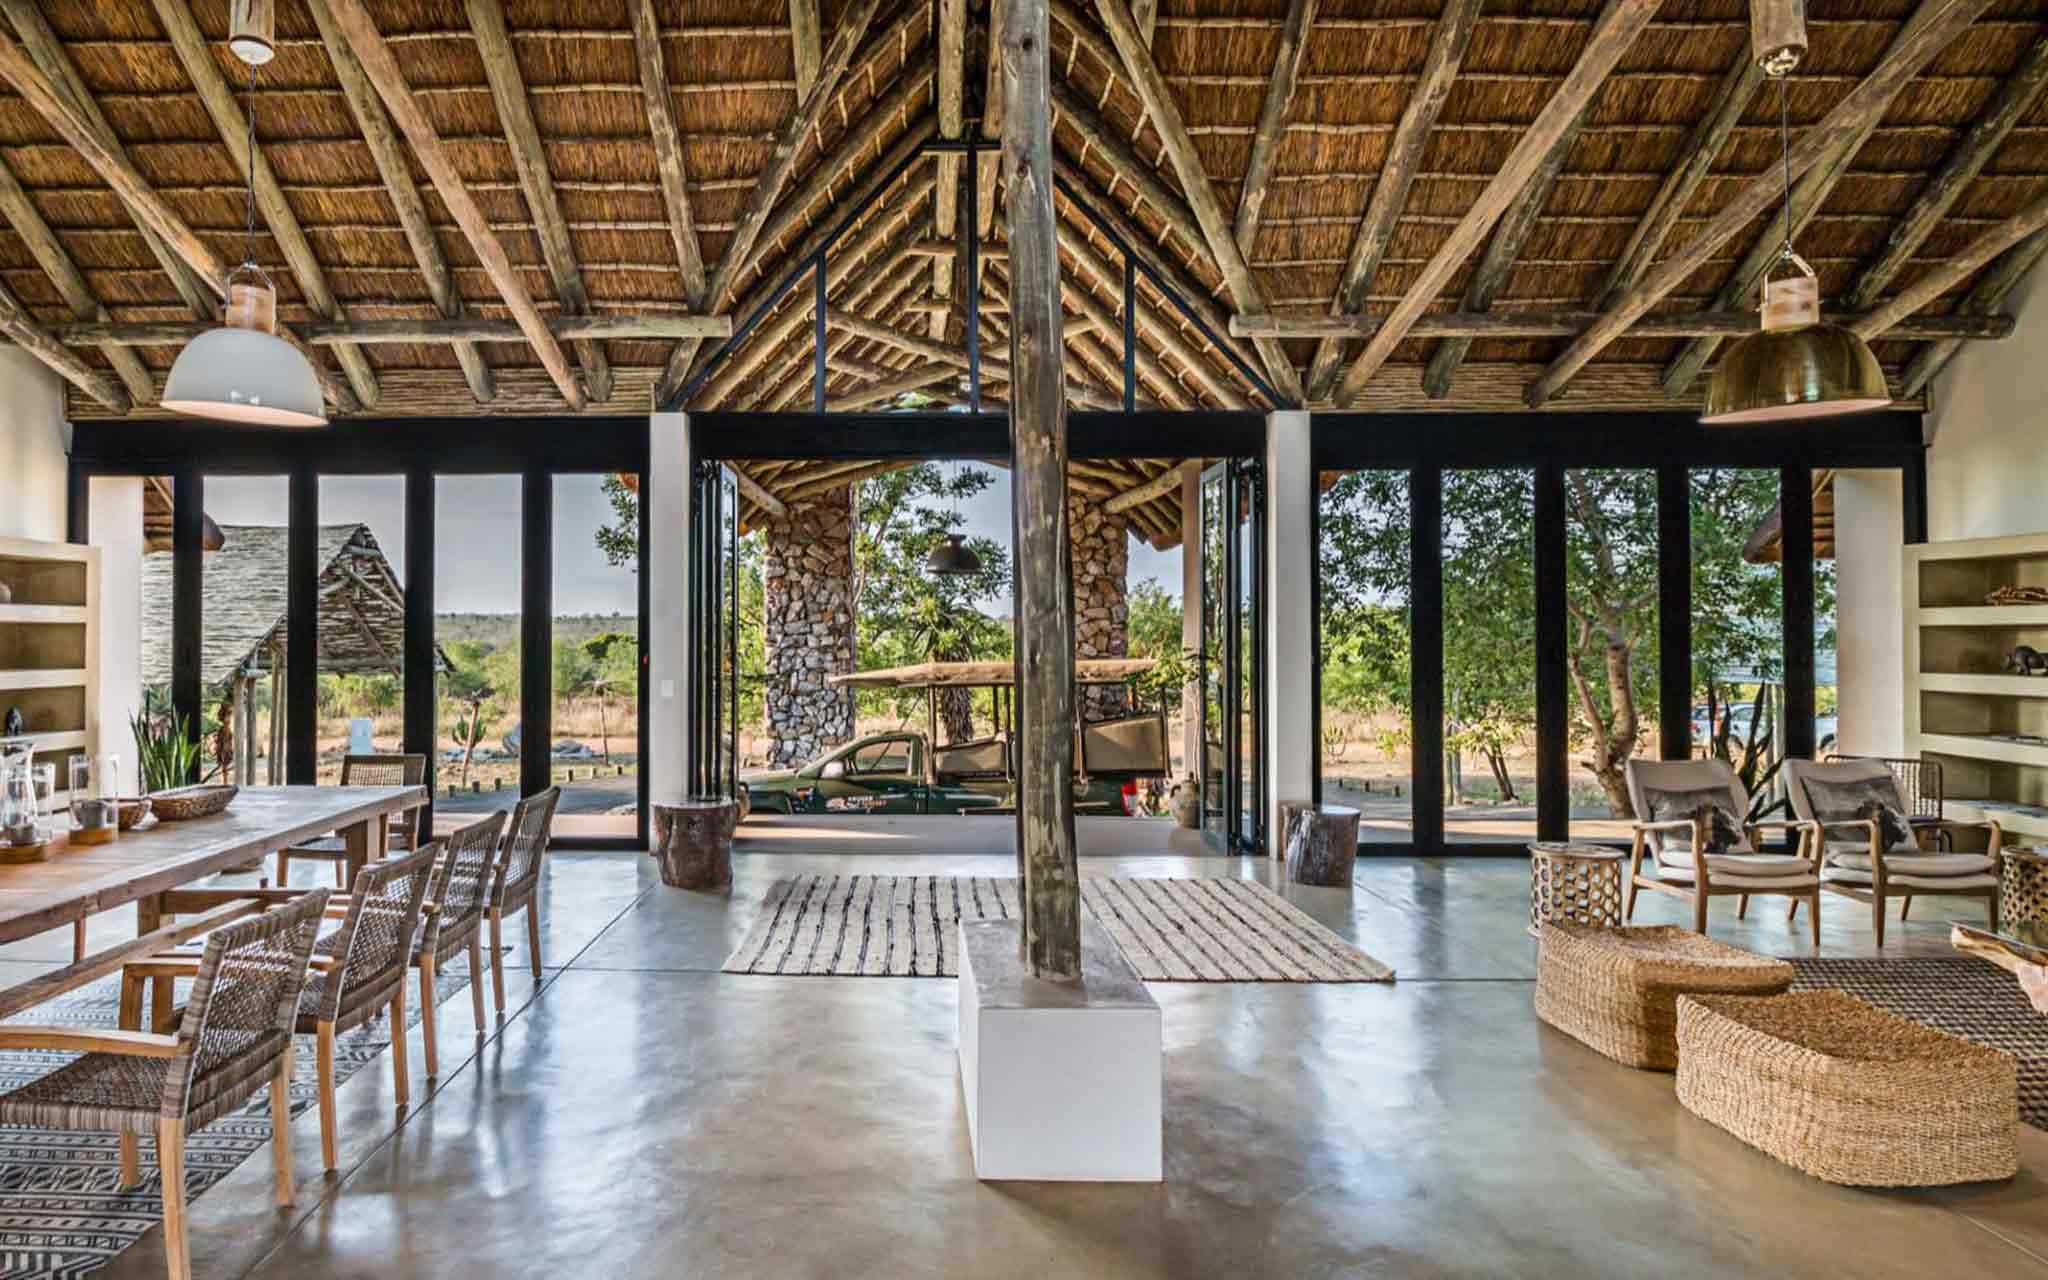 3. Kruger sunset lodge